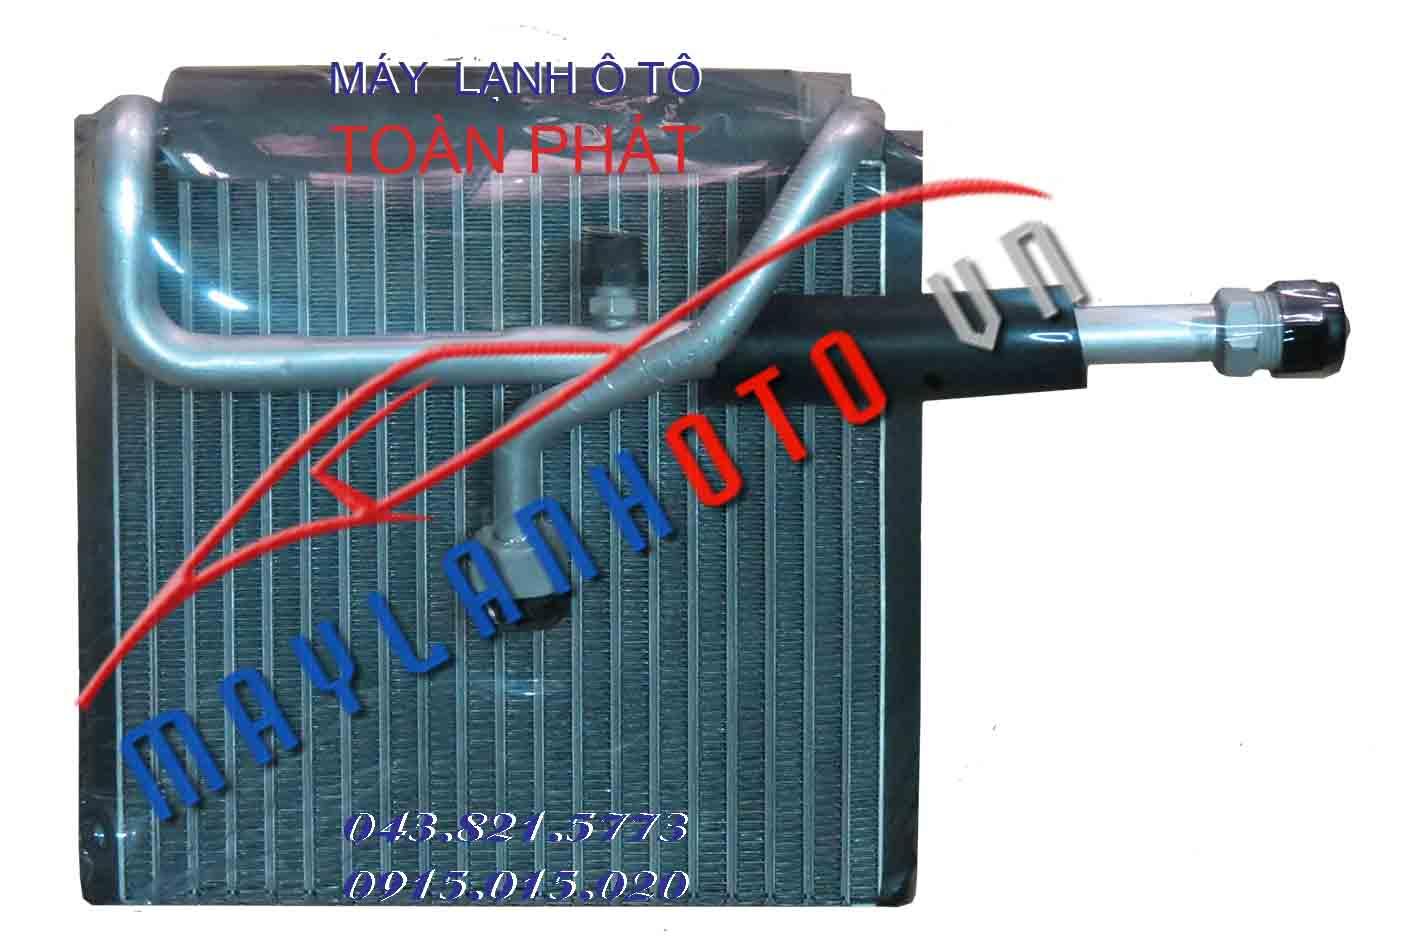 626 - 2000 / Giàn lạnh điều hòa Mazda 626-2000